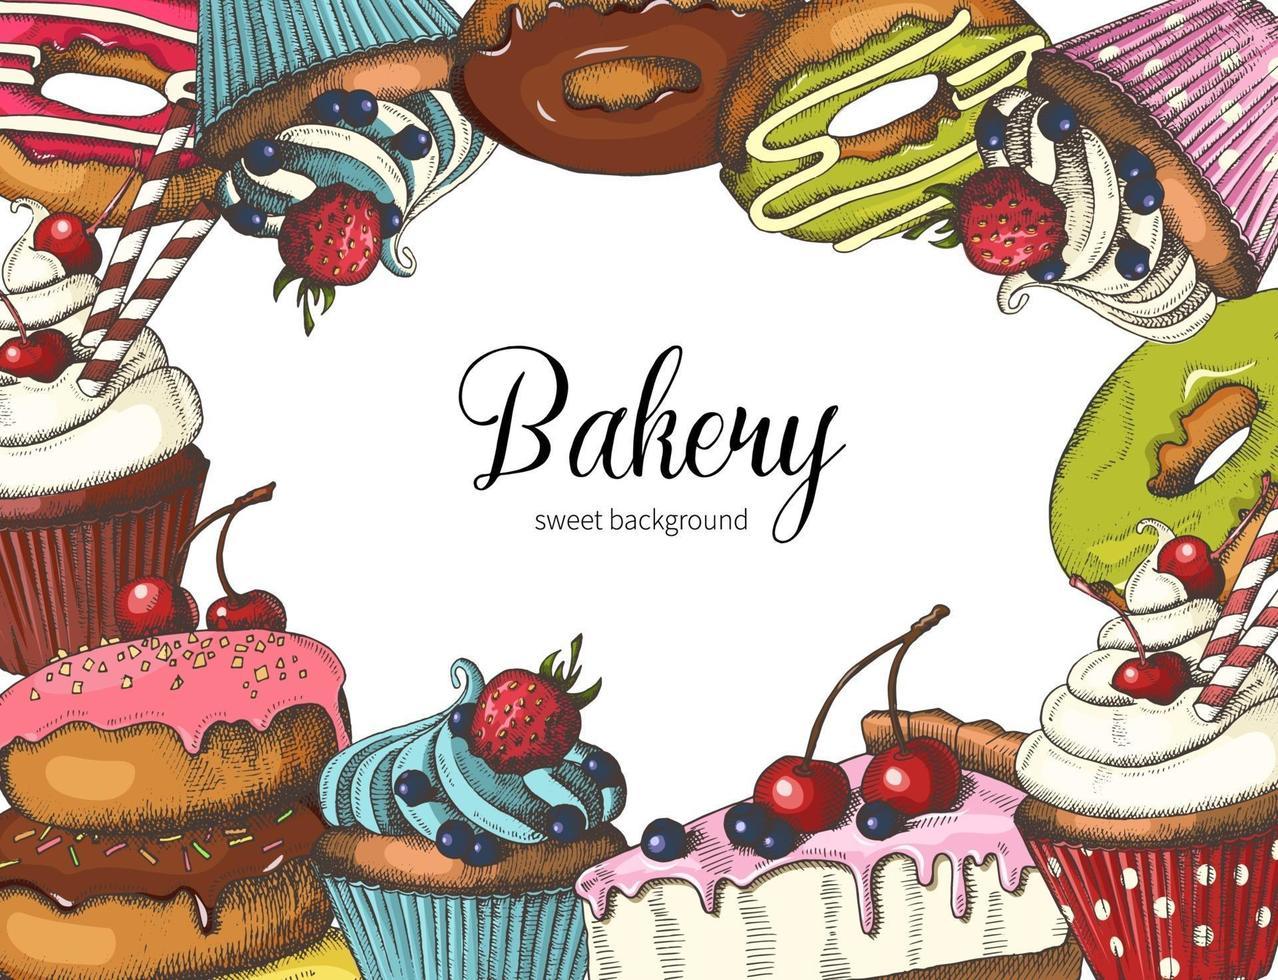 vektor söt bageri design på vitt. handritade munkar, tårta och muffins. öken design för meny, reklam och banners. skiss, bokstäver.